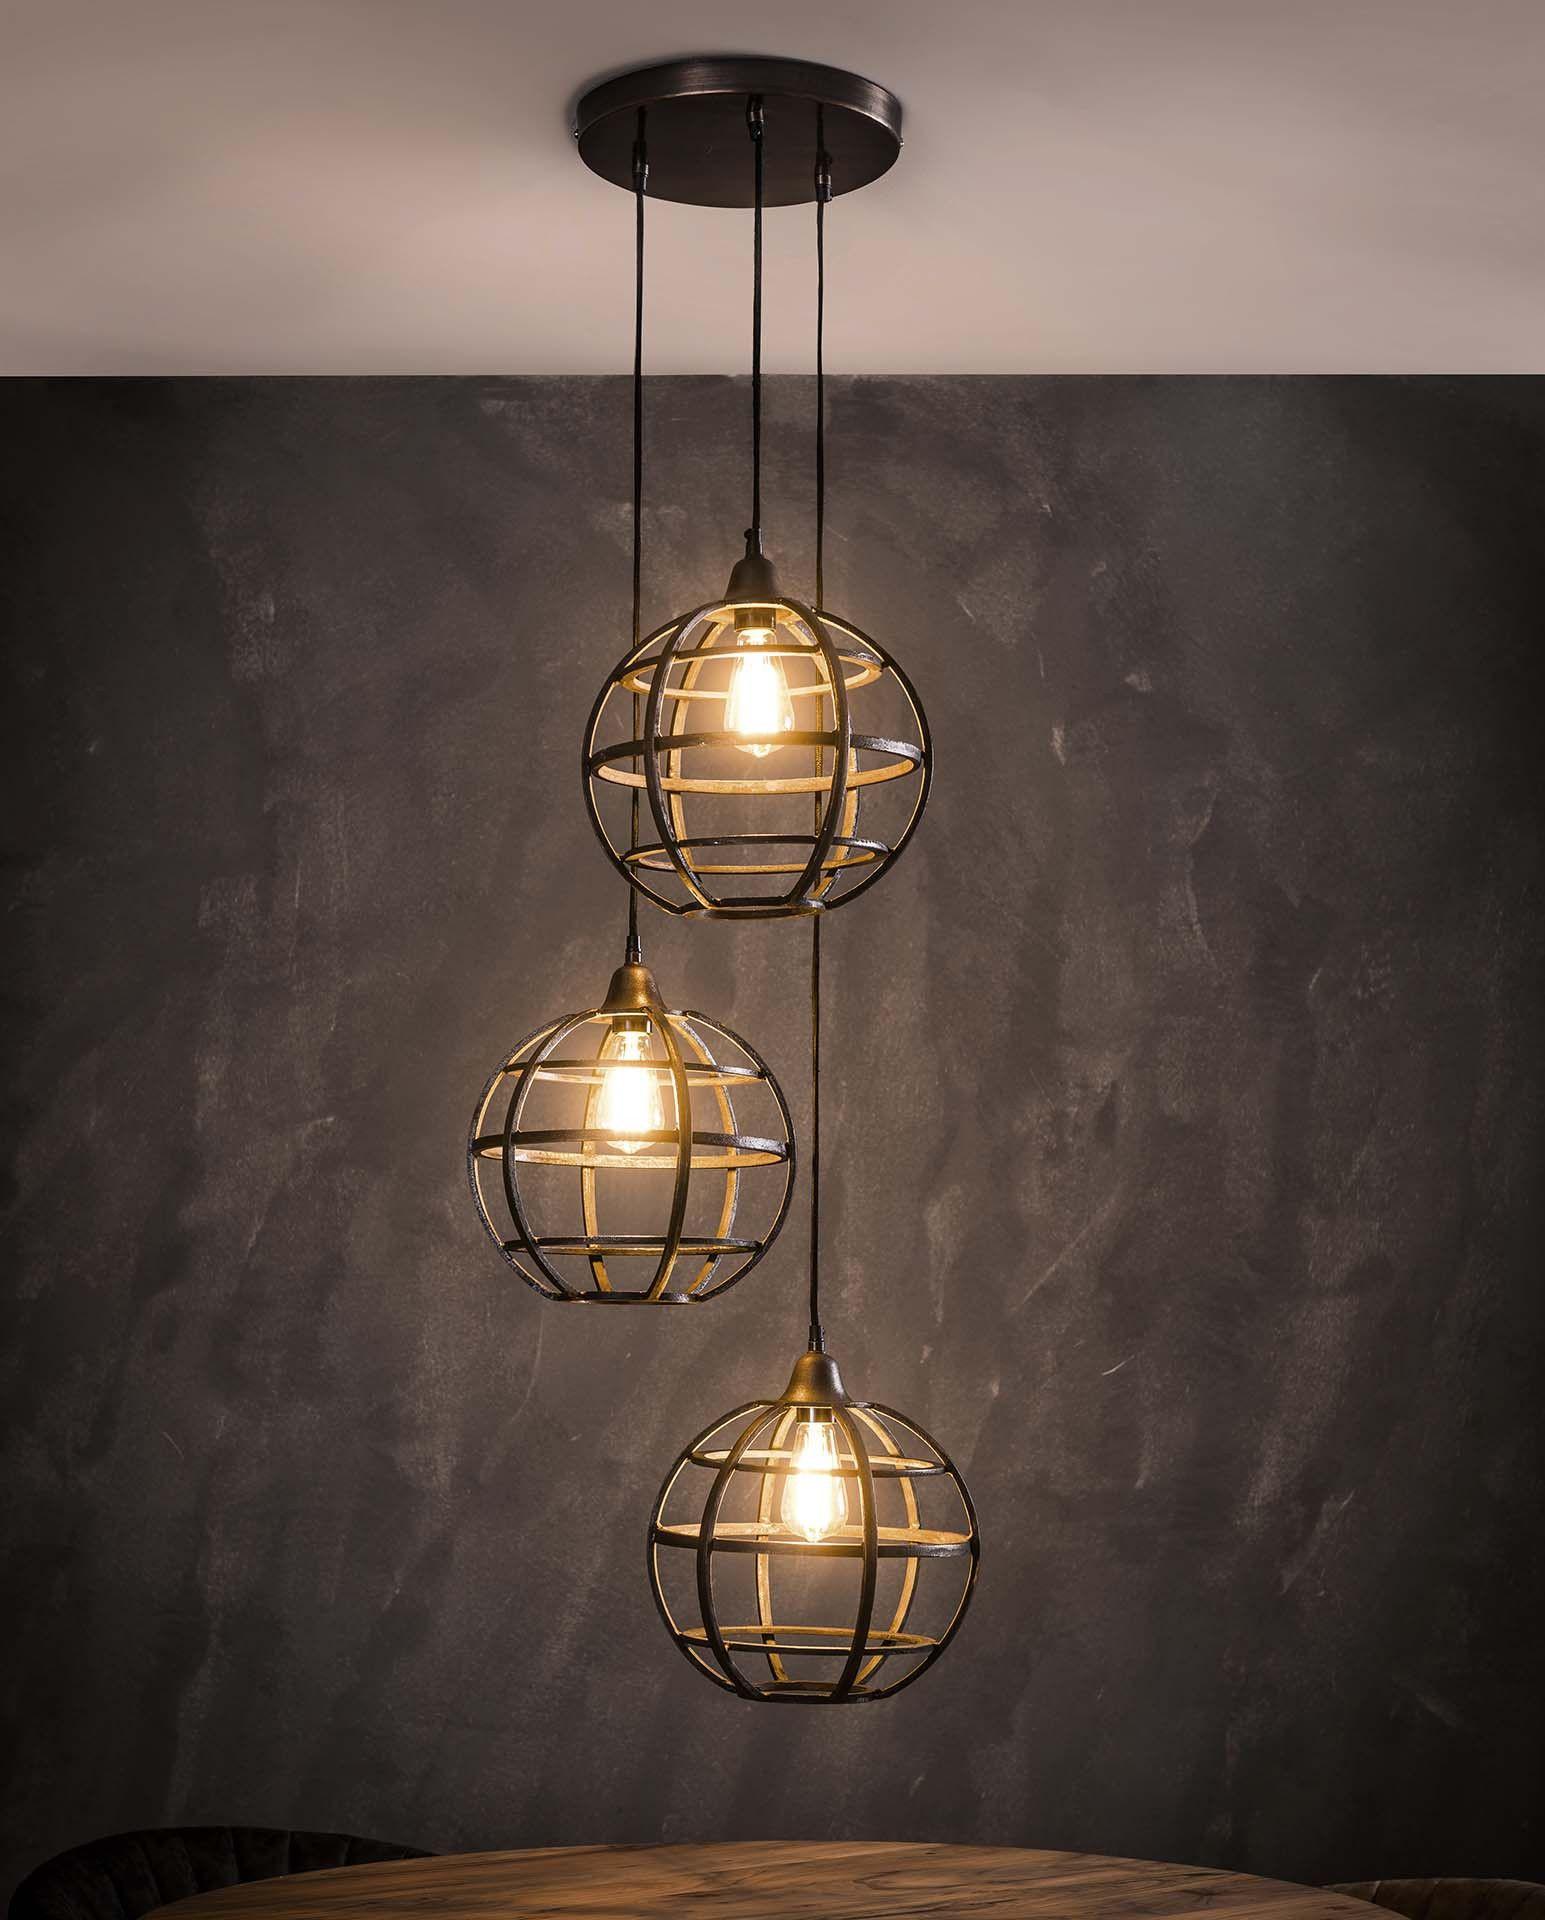 Hanglamp Globus 3xo33 Met 3 Lampenkappen Op Verschillende Niveaus Hanglamp Industriele Hanglampen Plafondlamp